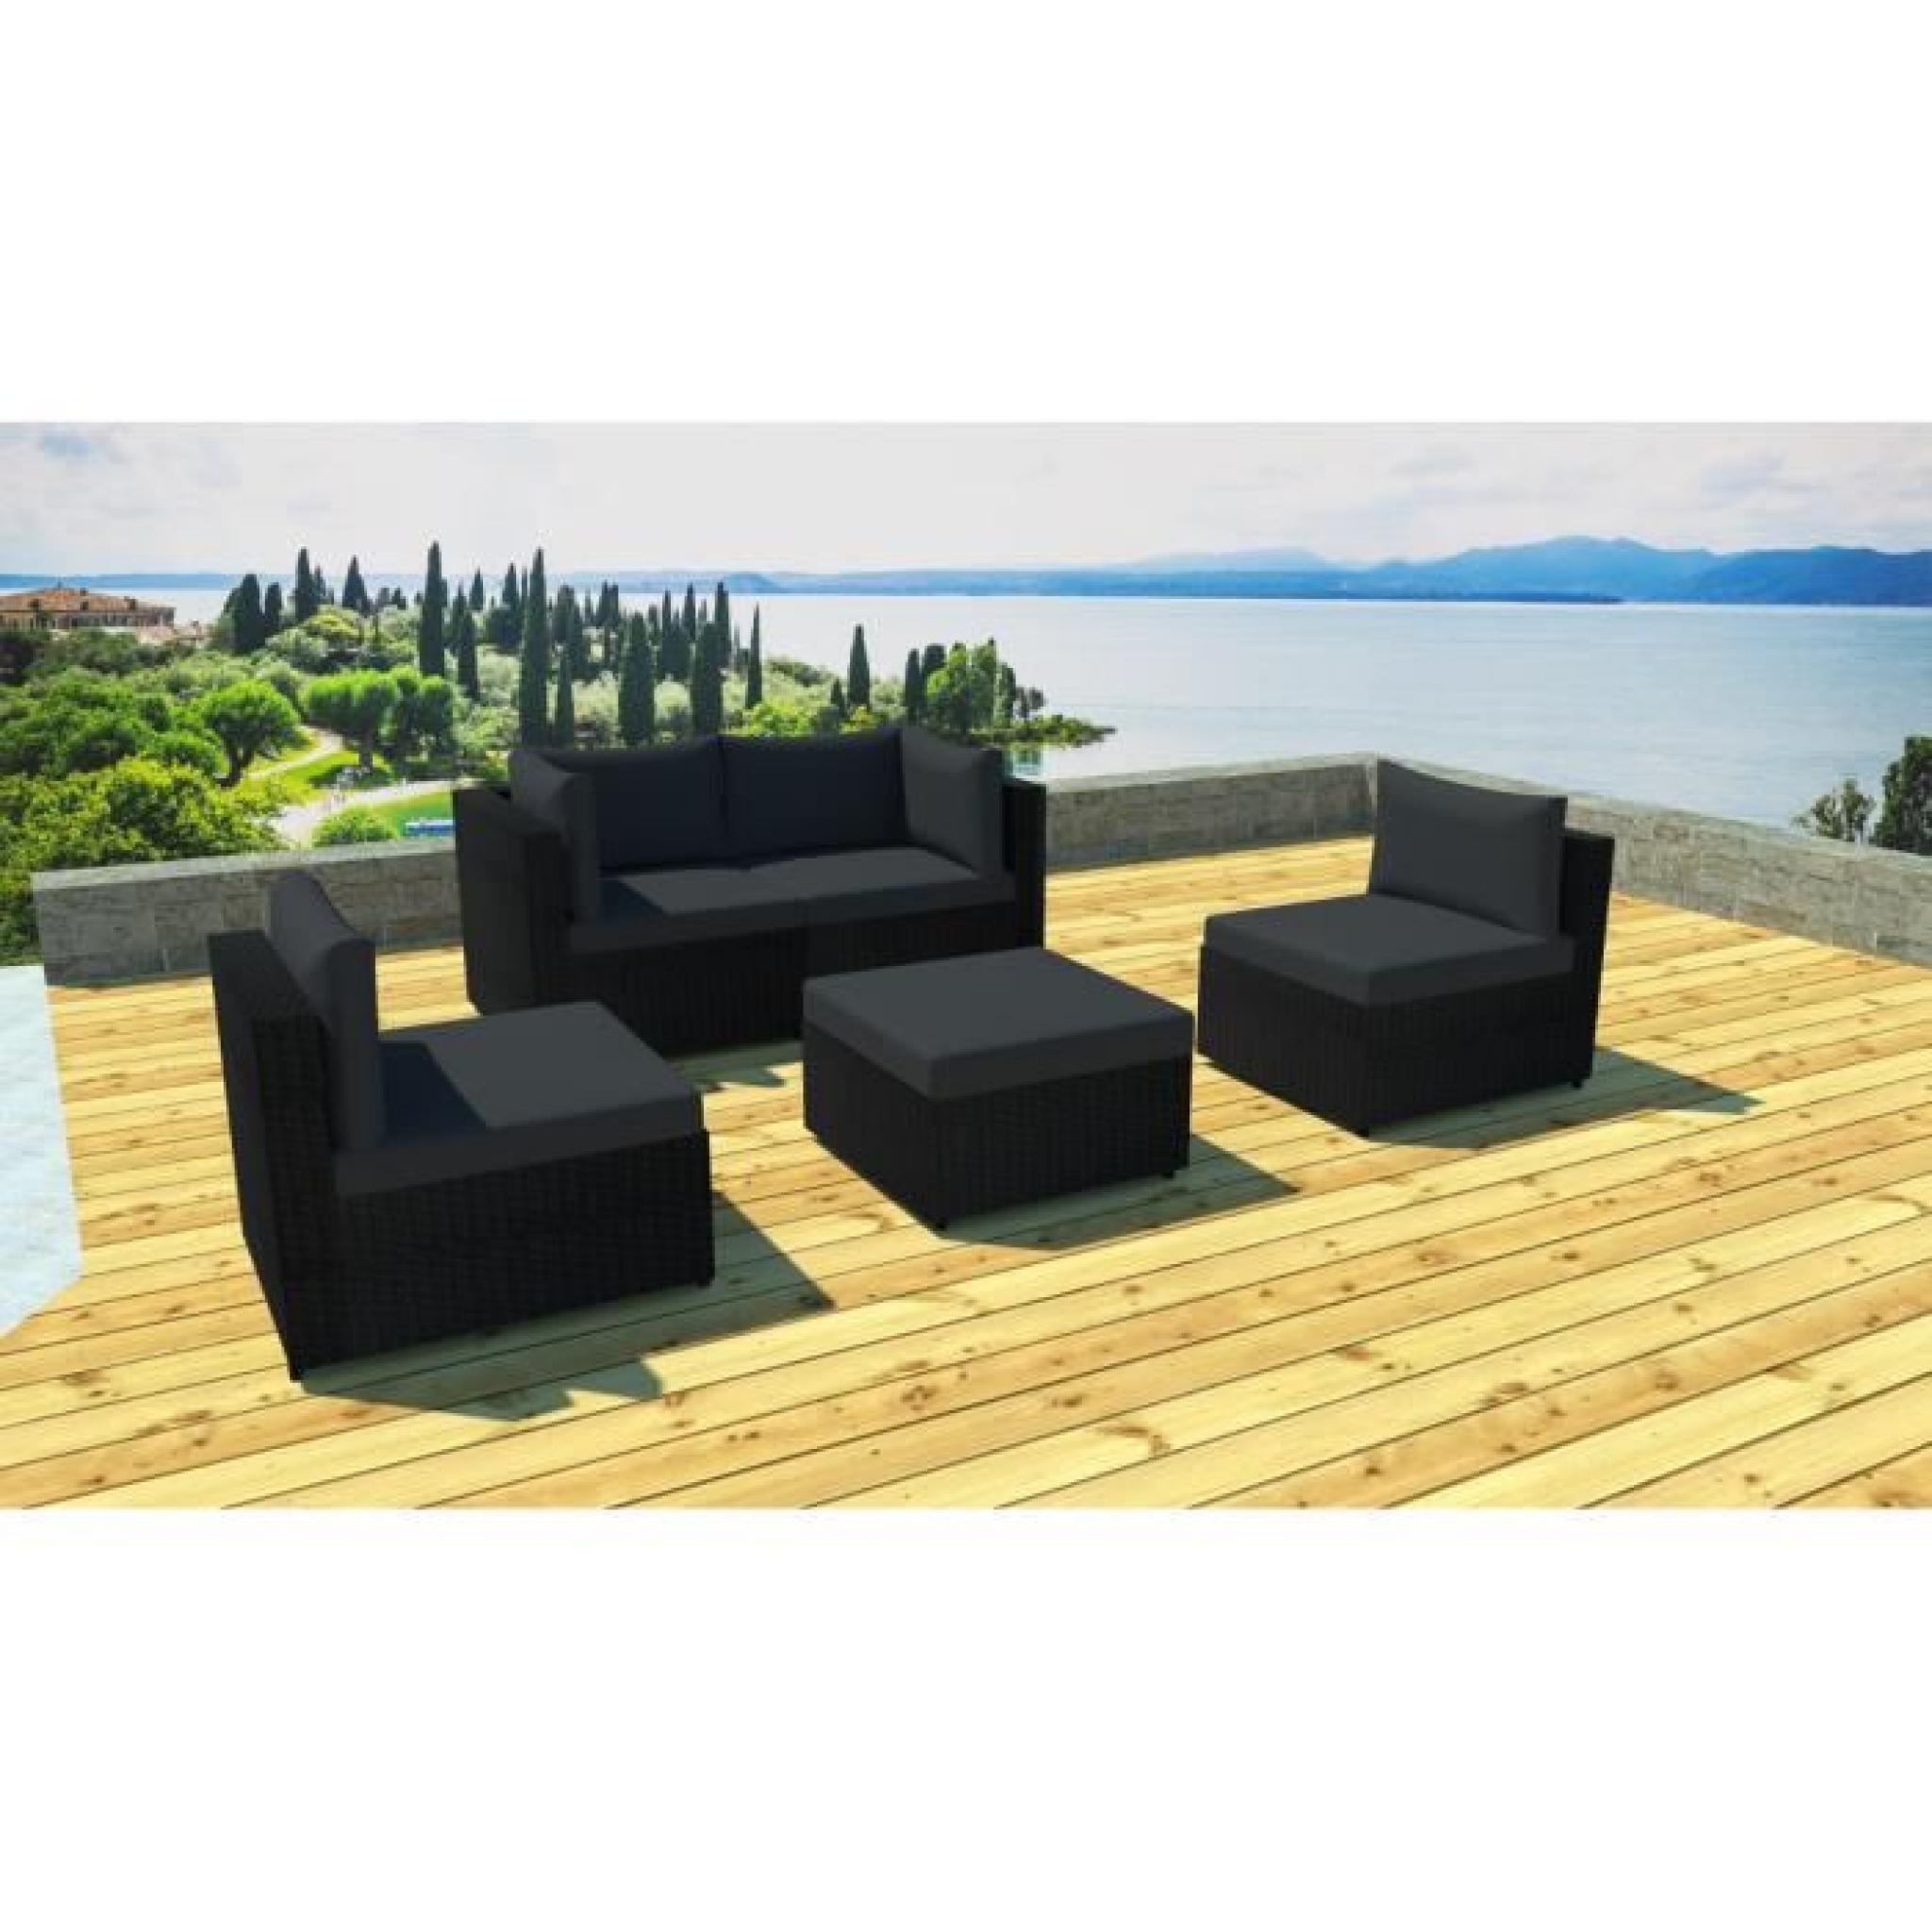 Salon de jardin modulable 5 places en résine Noir/noir